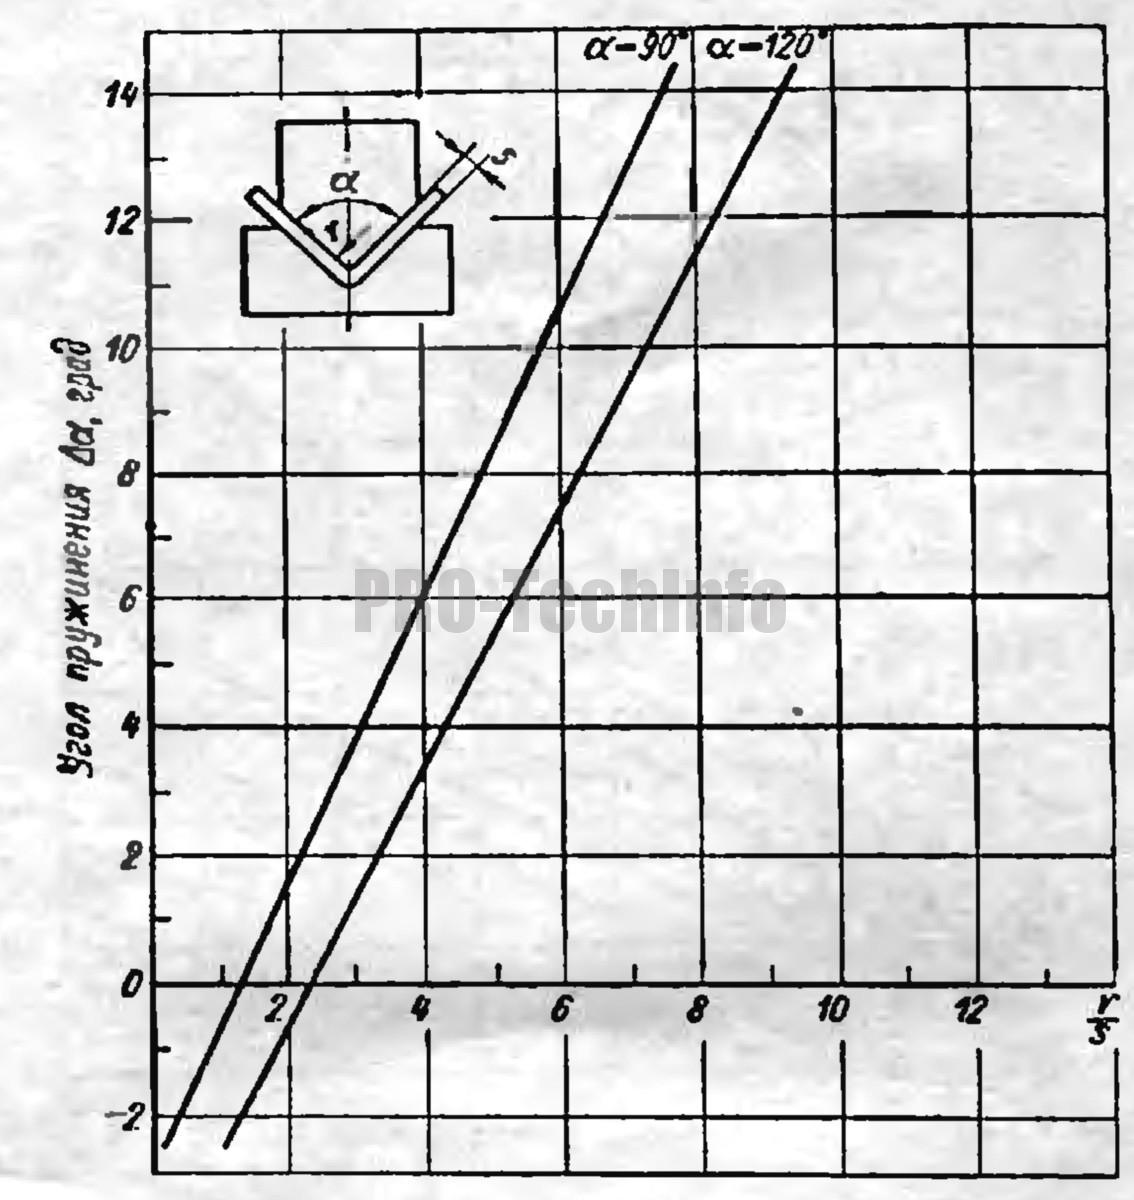 Углы пружинения Δα при гибке деталей из стали марки У9